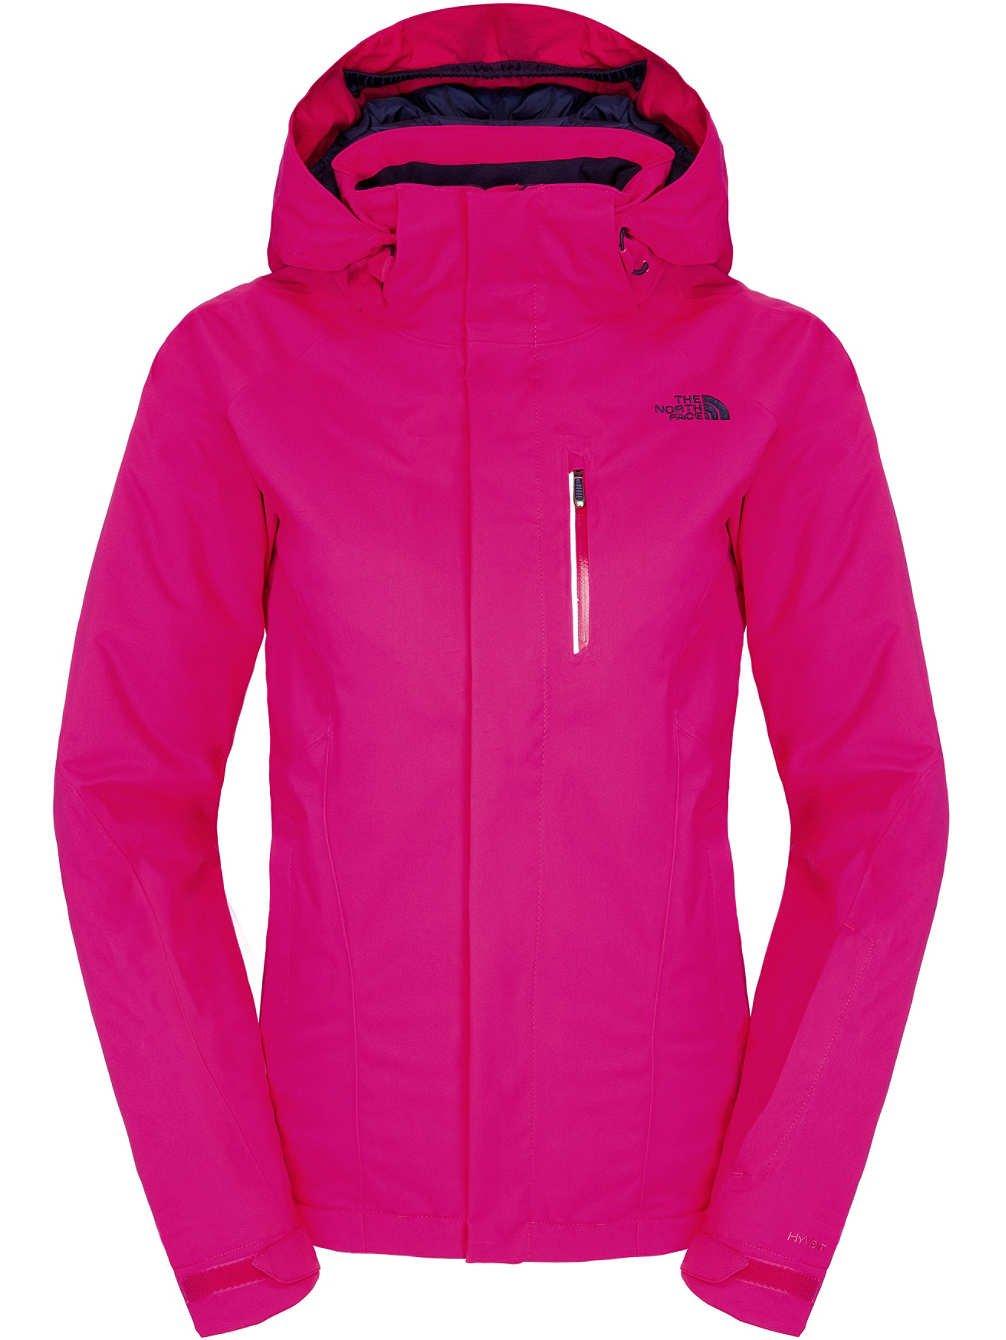 Damen Skijacke Jeppeson Jacket passion pink günstig kaufen